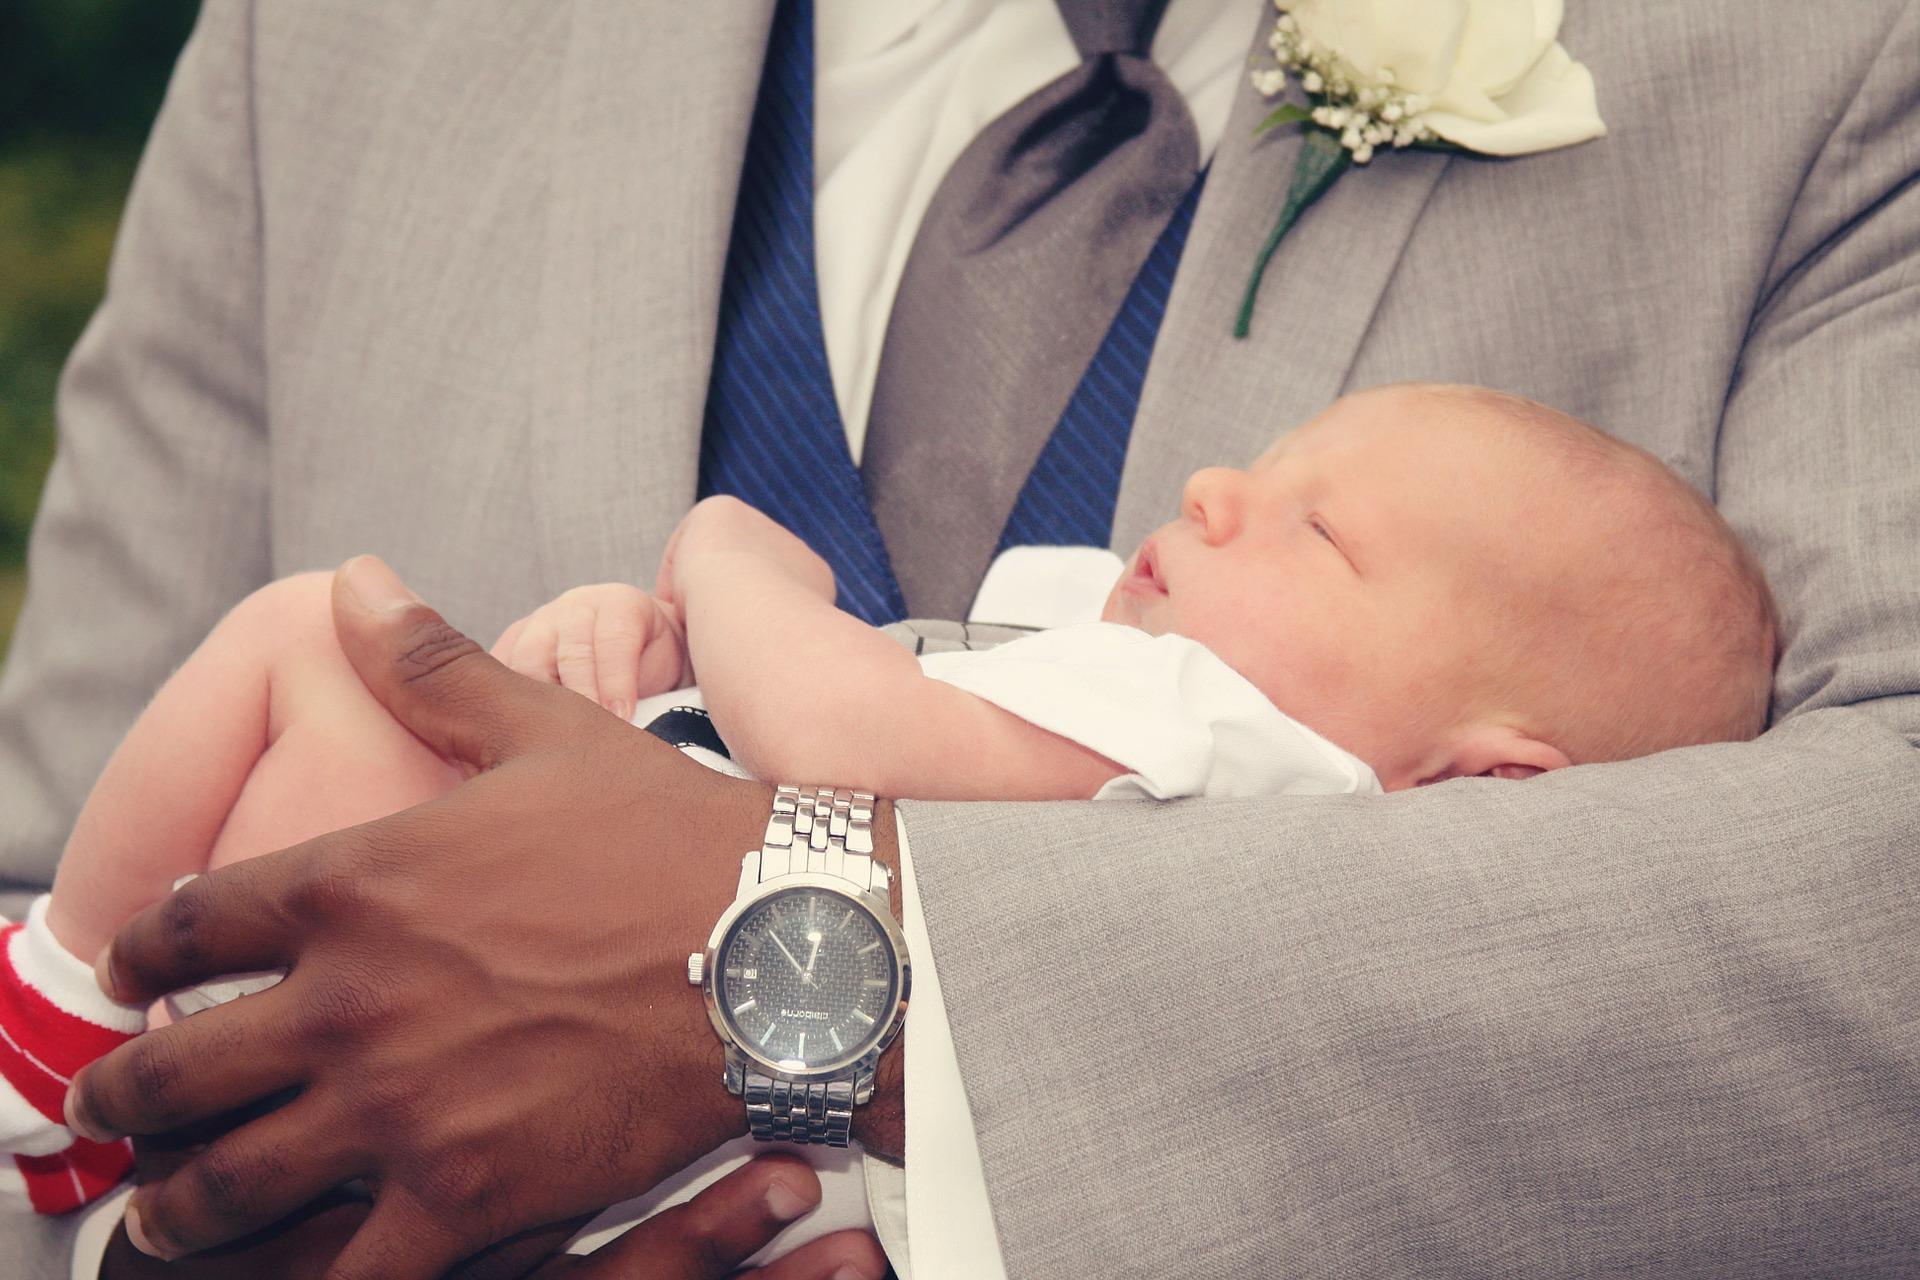 Parrrain tenant son filleul dans les bras